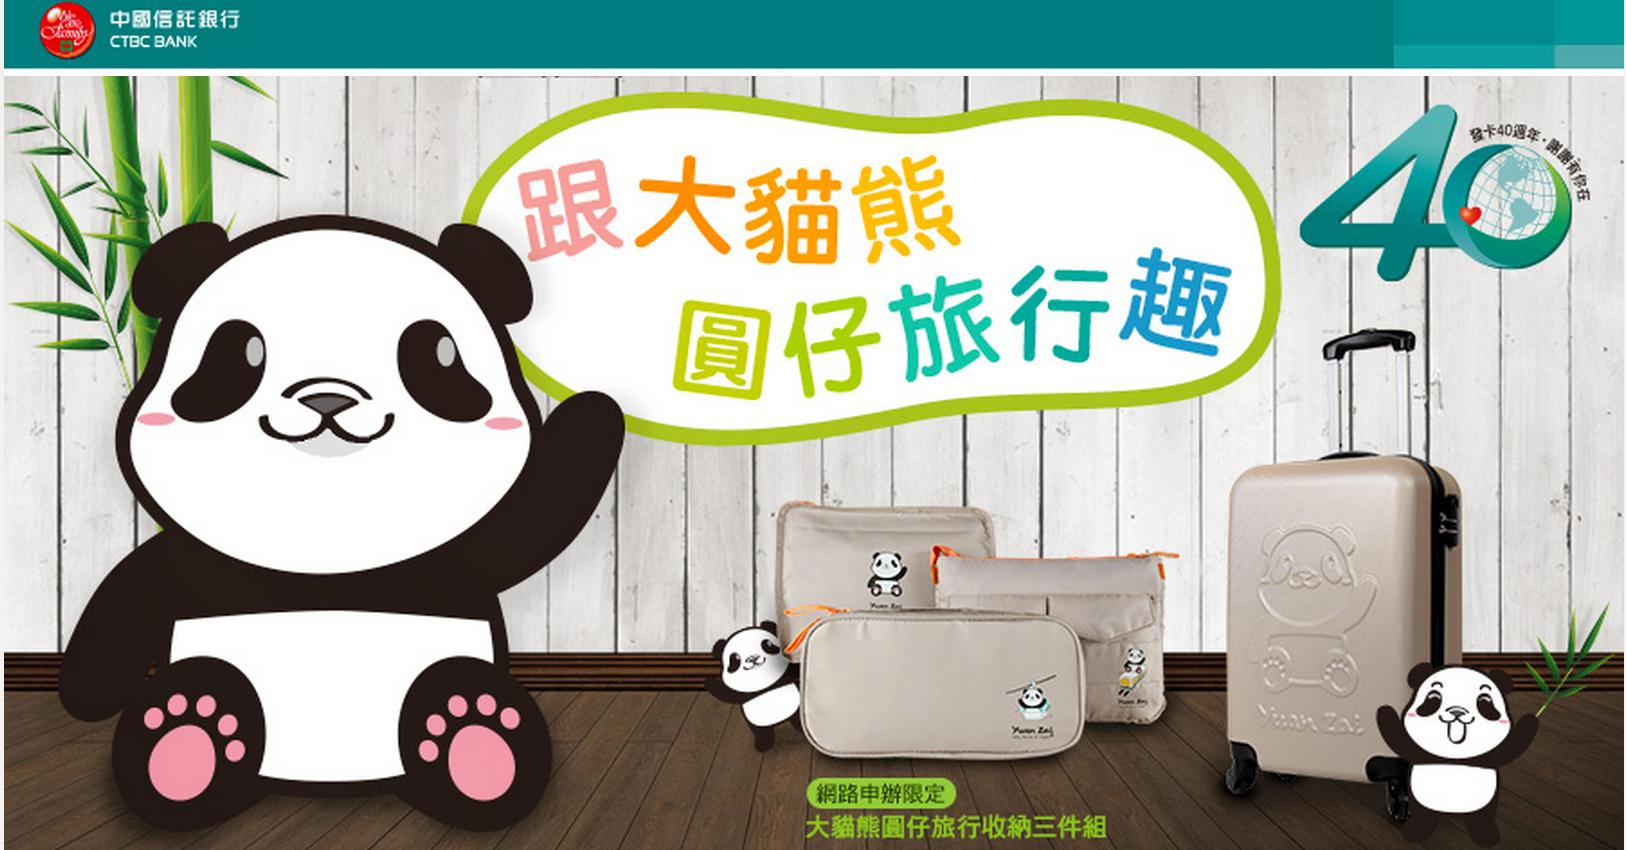 中國信託跟大貓熊圓仔旅行趣